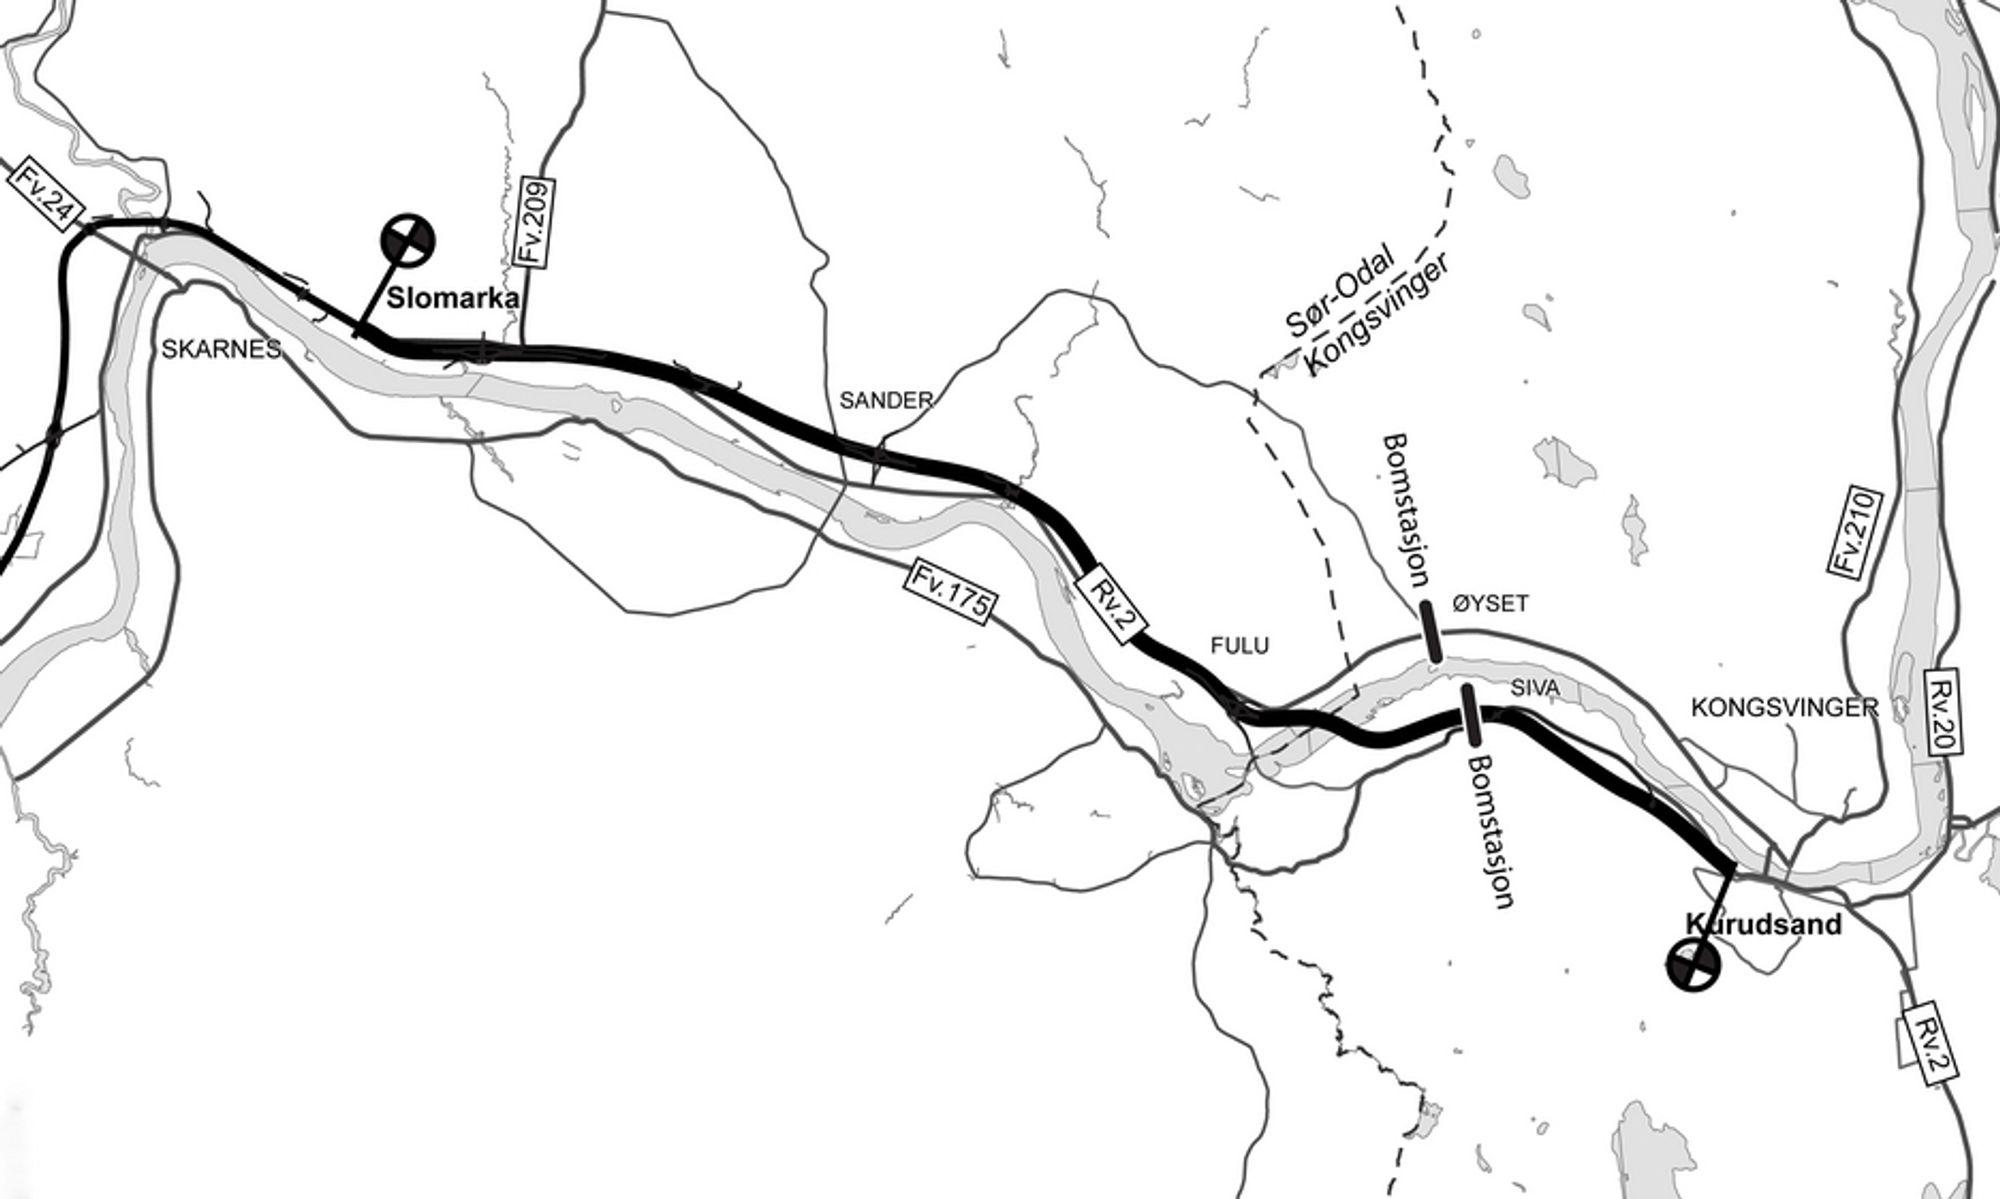 Kurudsand er markert helt til høyre på kartet. Gulli ligger like øst for stedet der den tykke linjen krysser Glomma. Ill.: Statens vegvesen